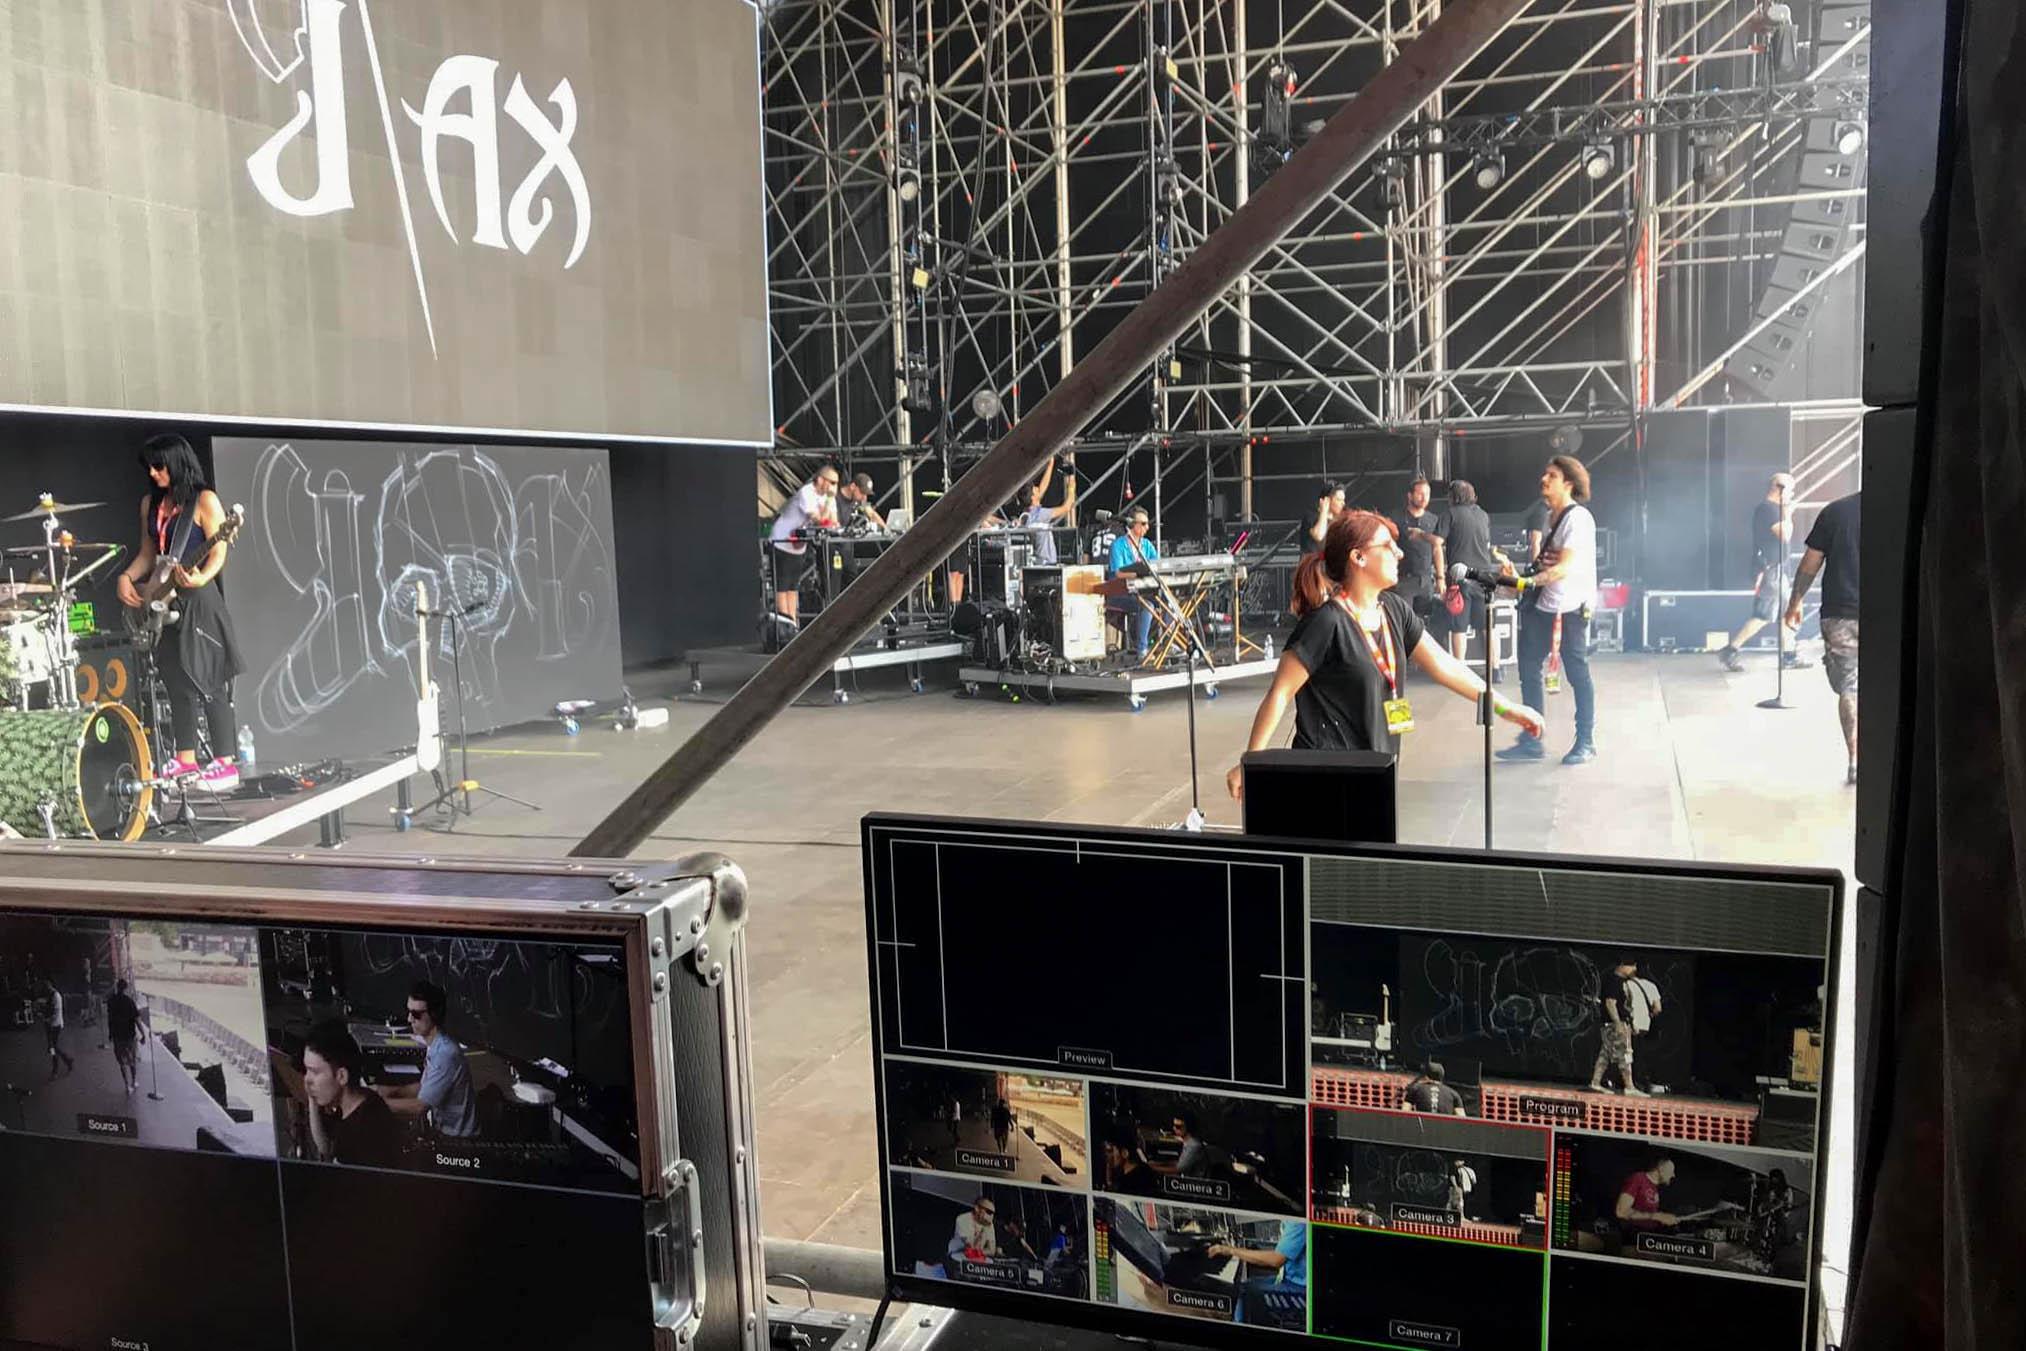 Operatore video | Montaggio video | Regia Video Eventi